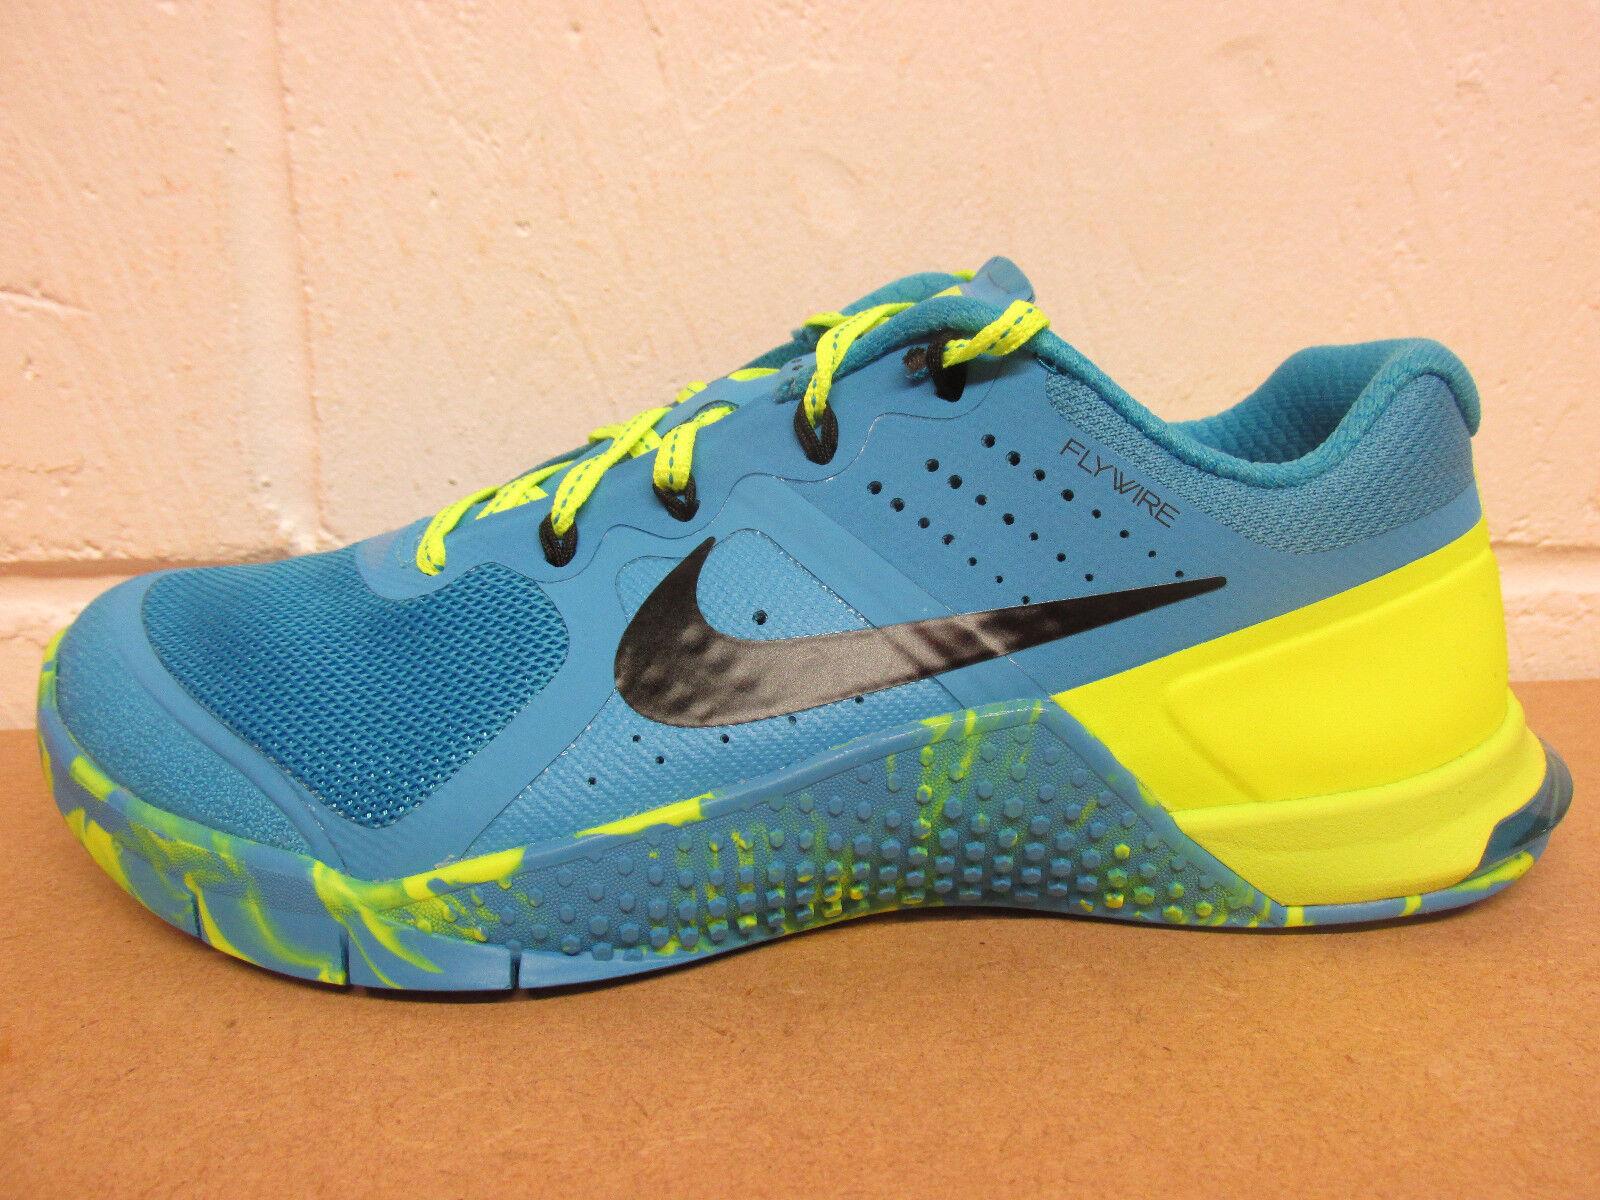 Nike Laufschuhe Damen Metcon 2 Amp Laufschuhe Nike 843972 400 Turnschuhe 5c172d